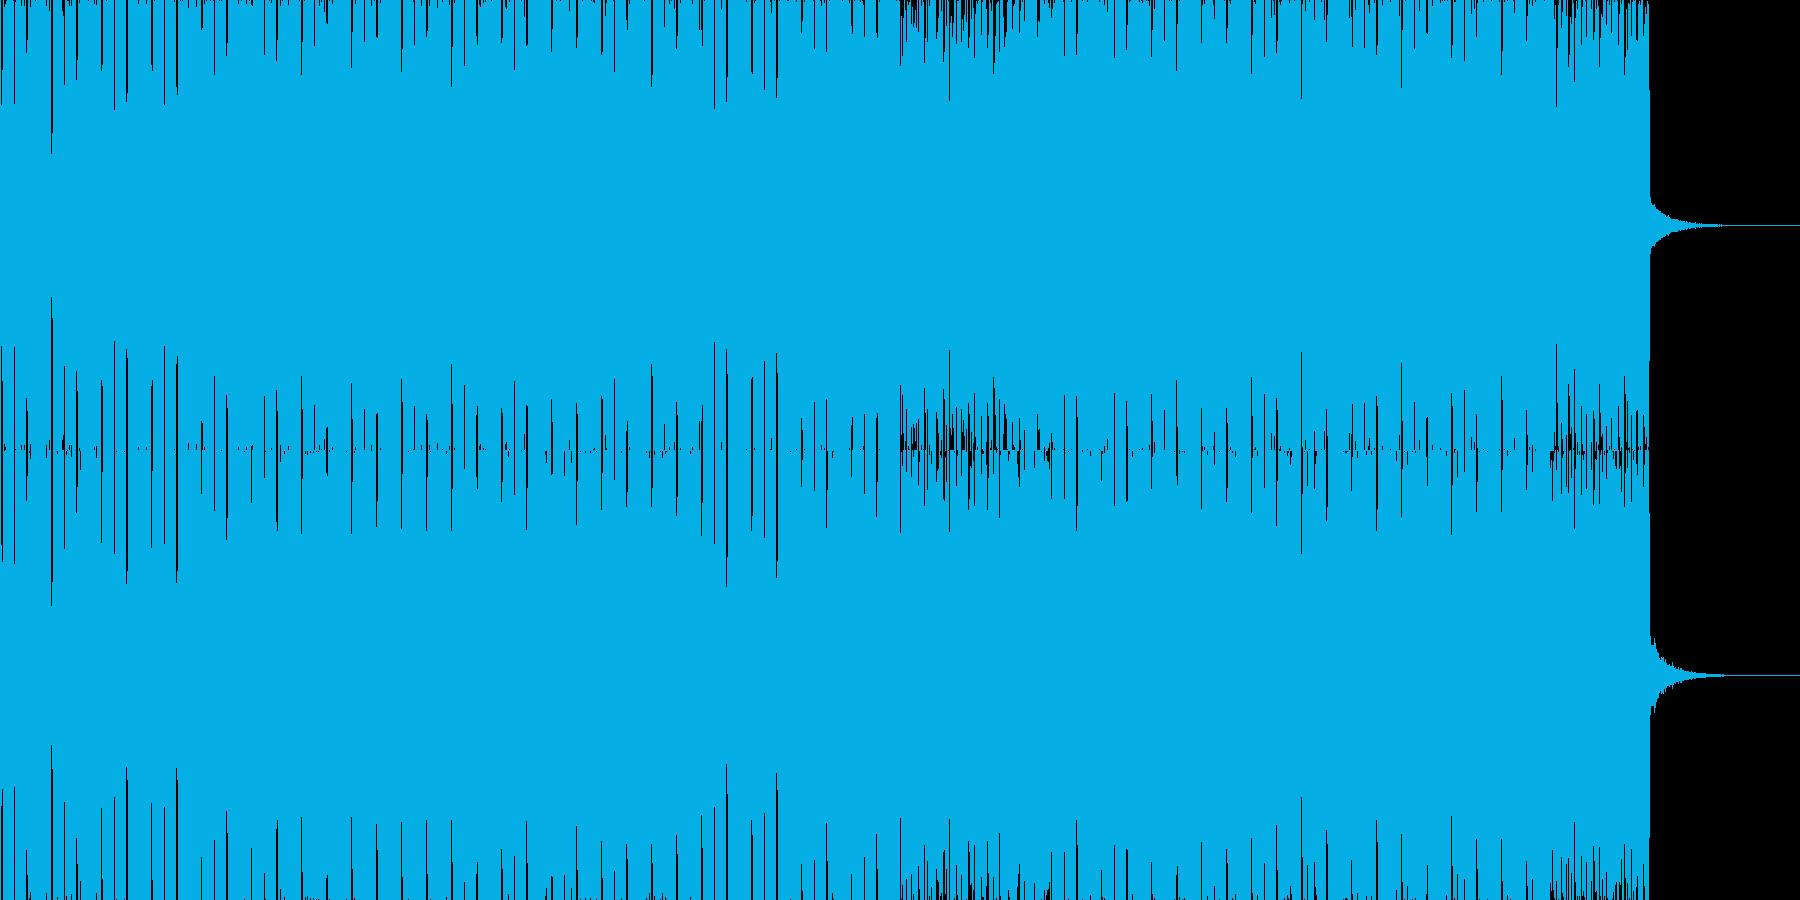 疾走感のあるシンプルなドラムンベース2の再生済みの波形